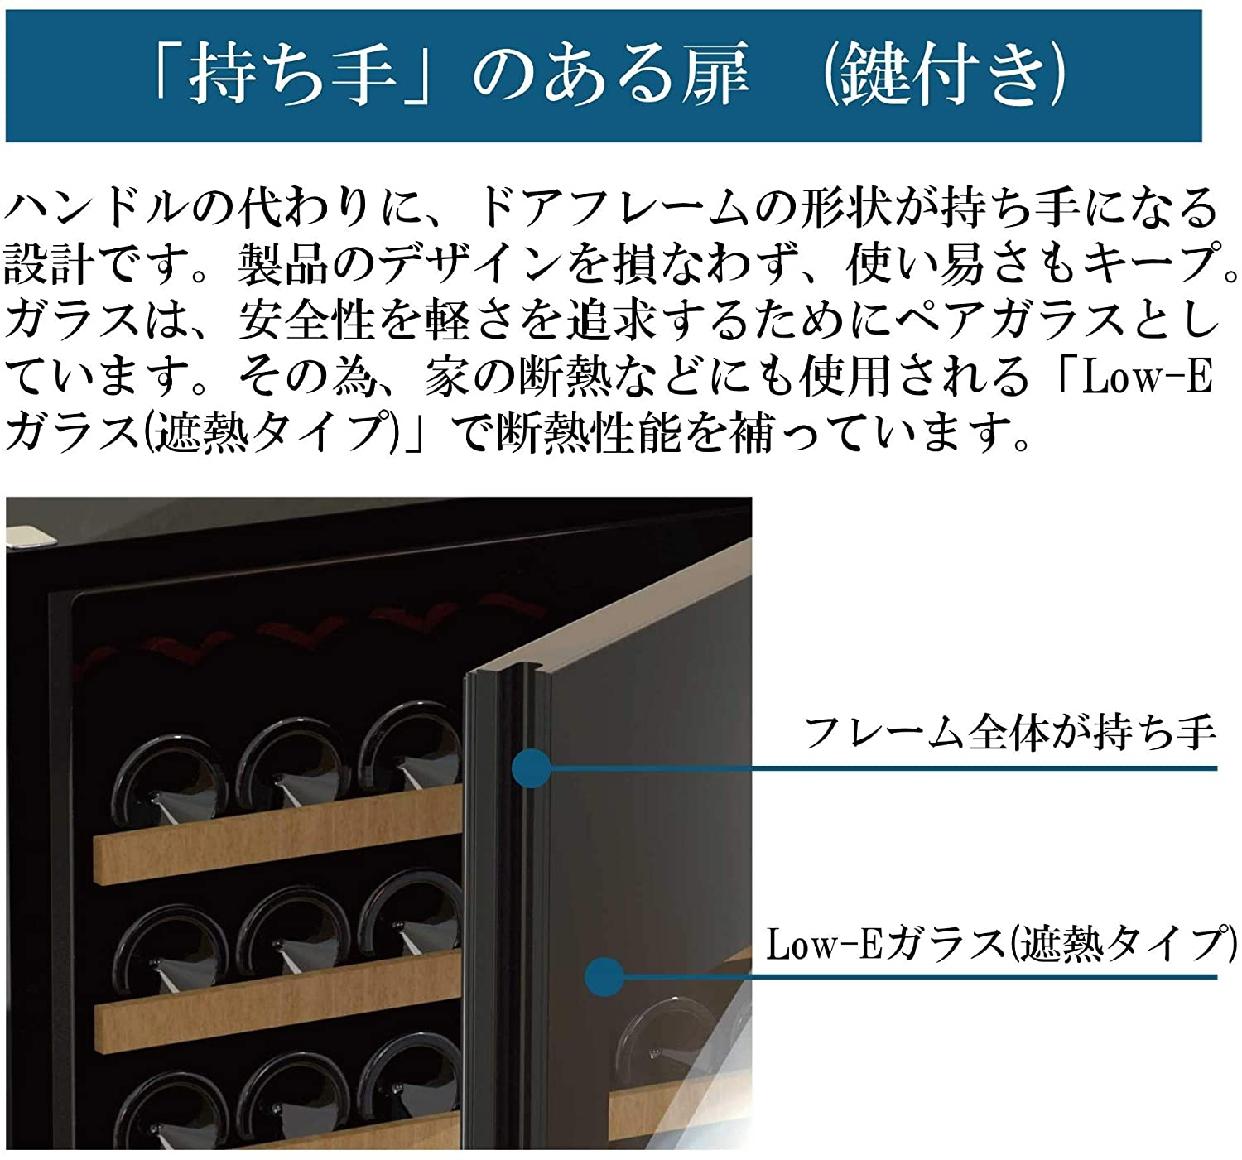 さくら製作所(SAKURA WORKS) PRO CLASS SV155の商品画像5